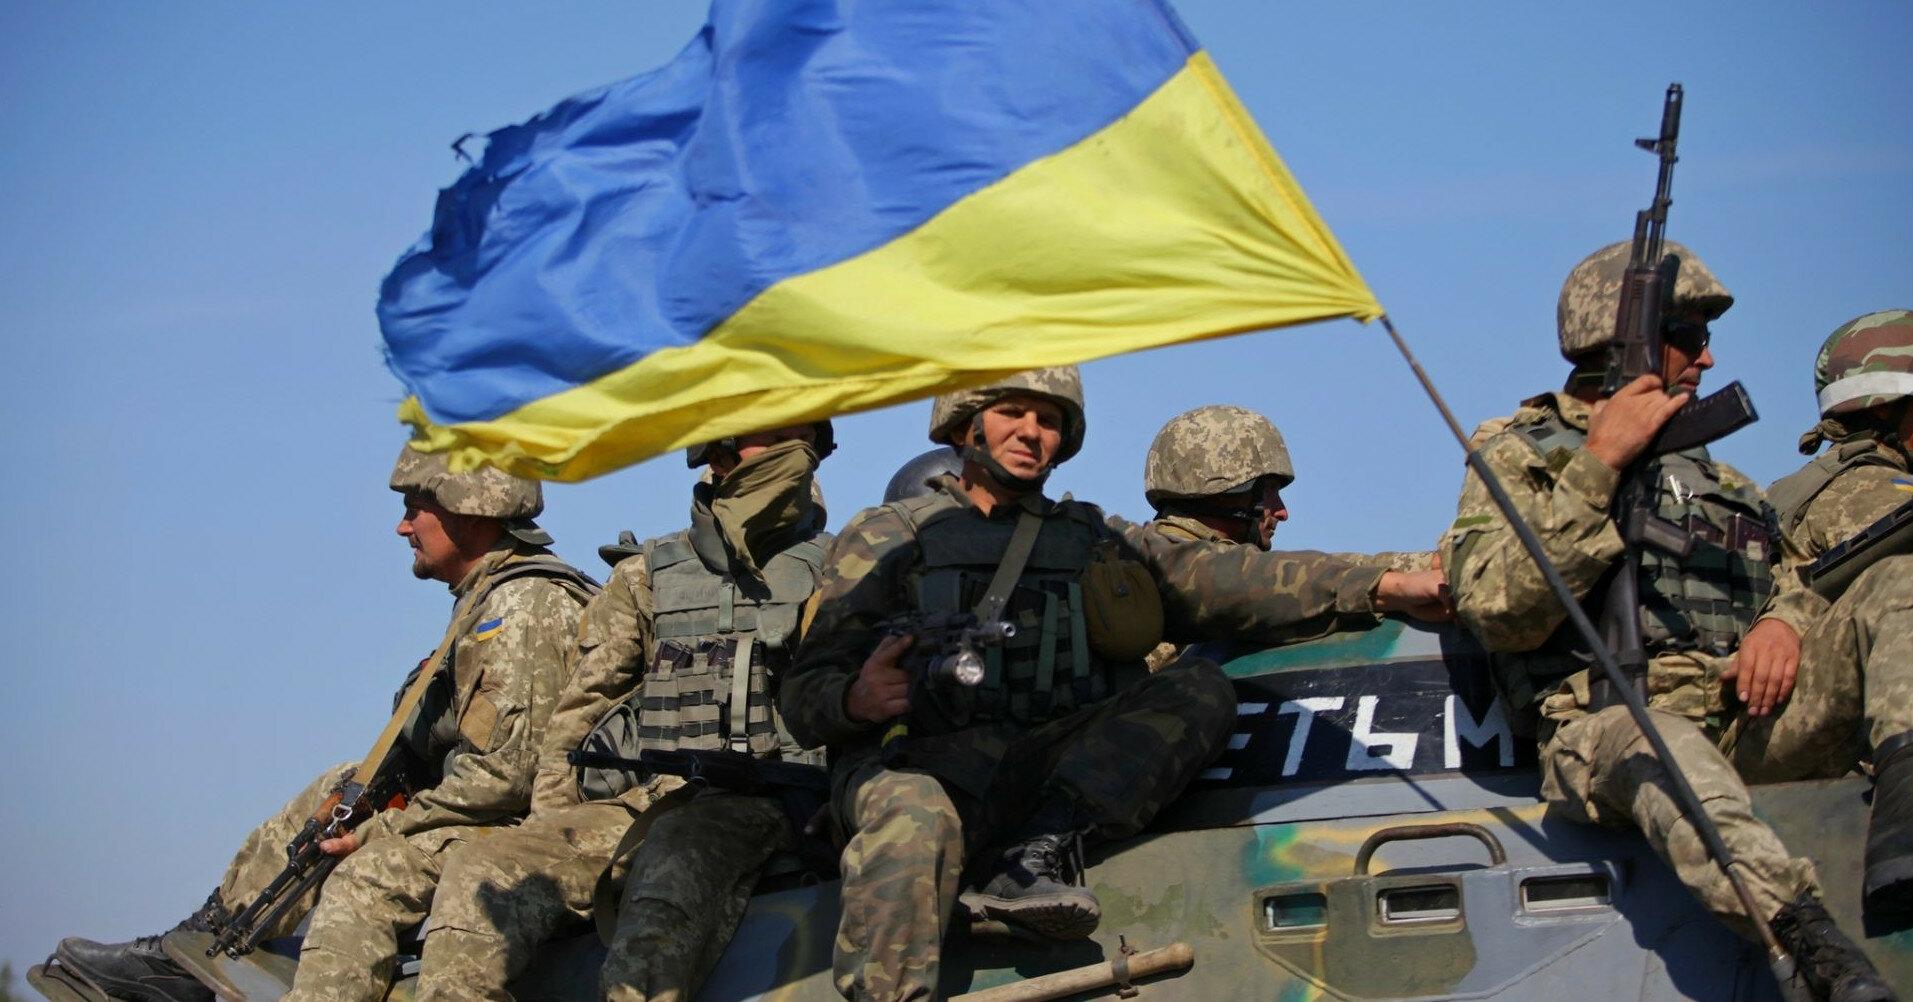 За время режима прекращения огня на Донбассе сократились потери ВСУ